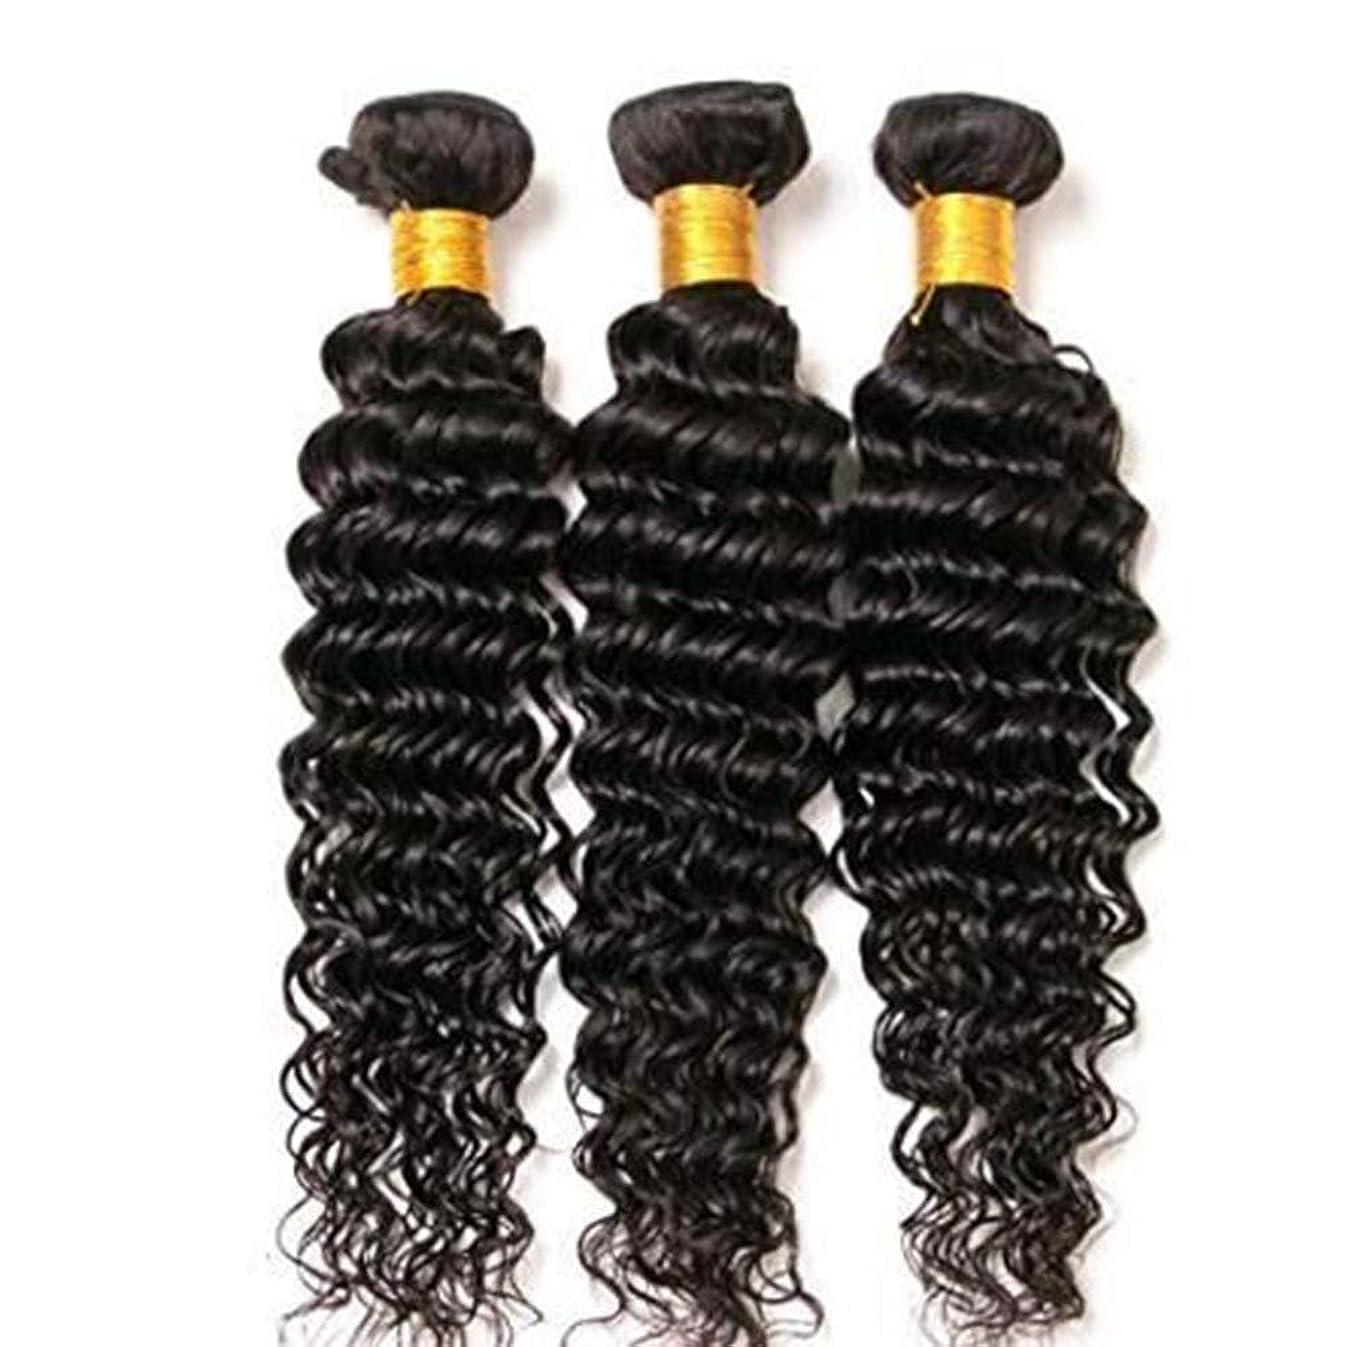 好みジョリー赤外線BOBIDYEE 女性のためのブラジルのディープウェーブヘアバンドル100%未処理の人間の毛髪延長ナチュラルルッキング(8